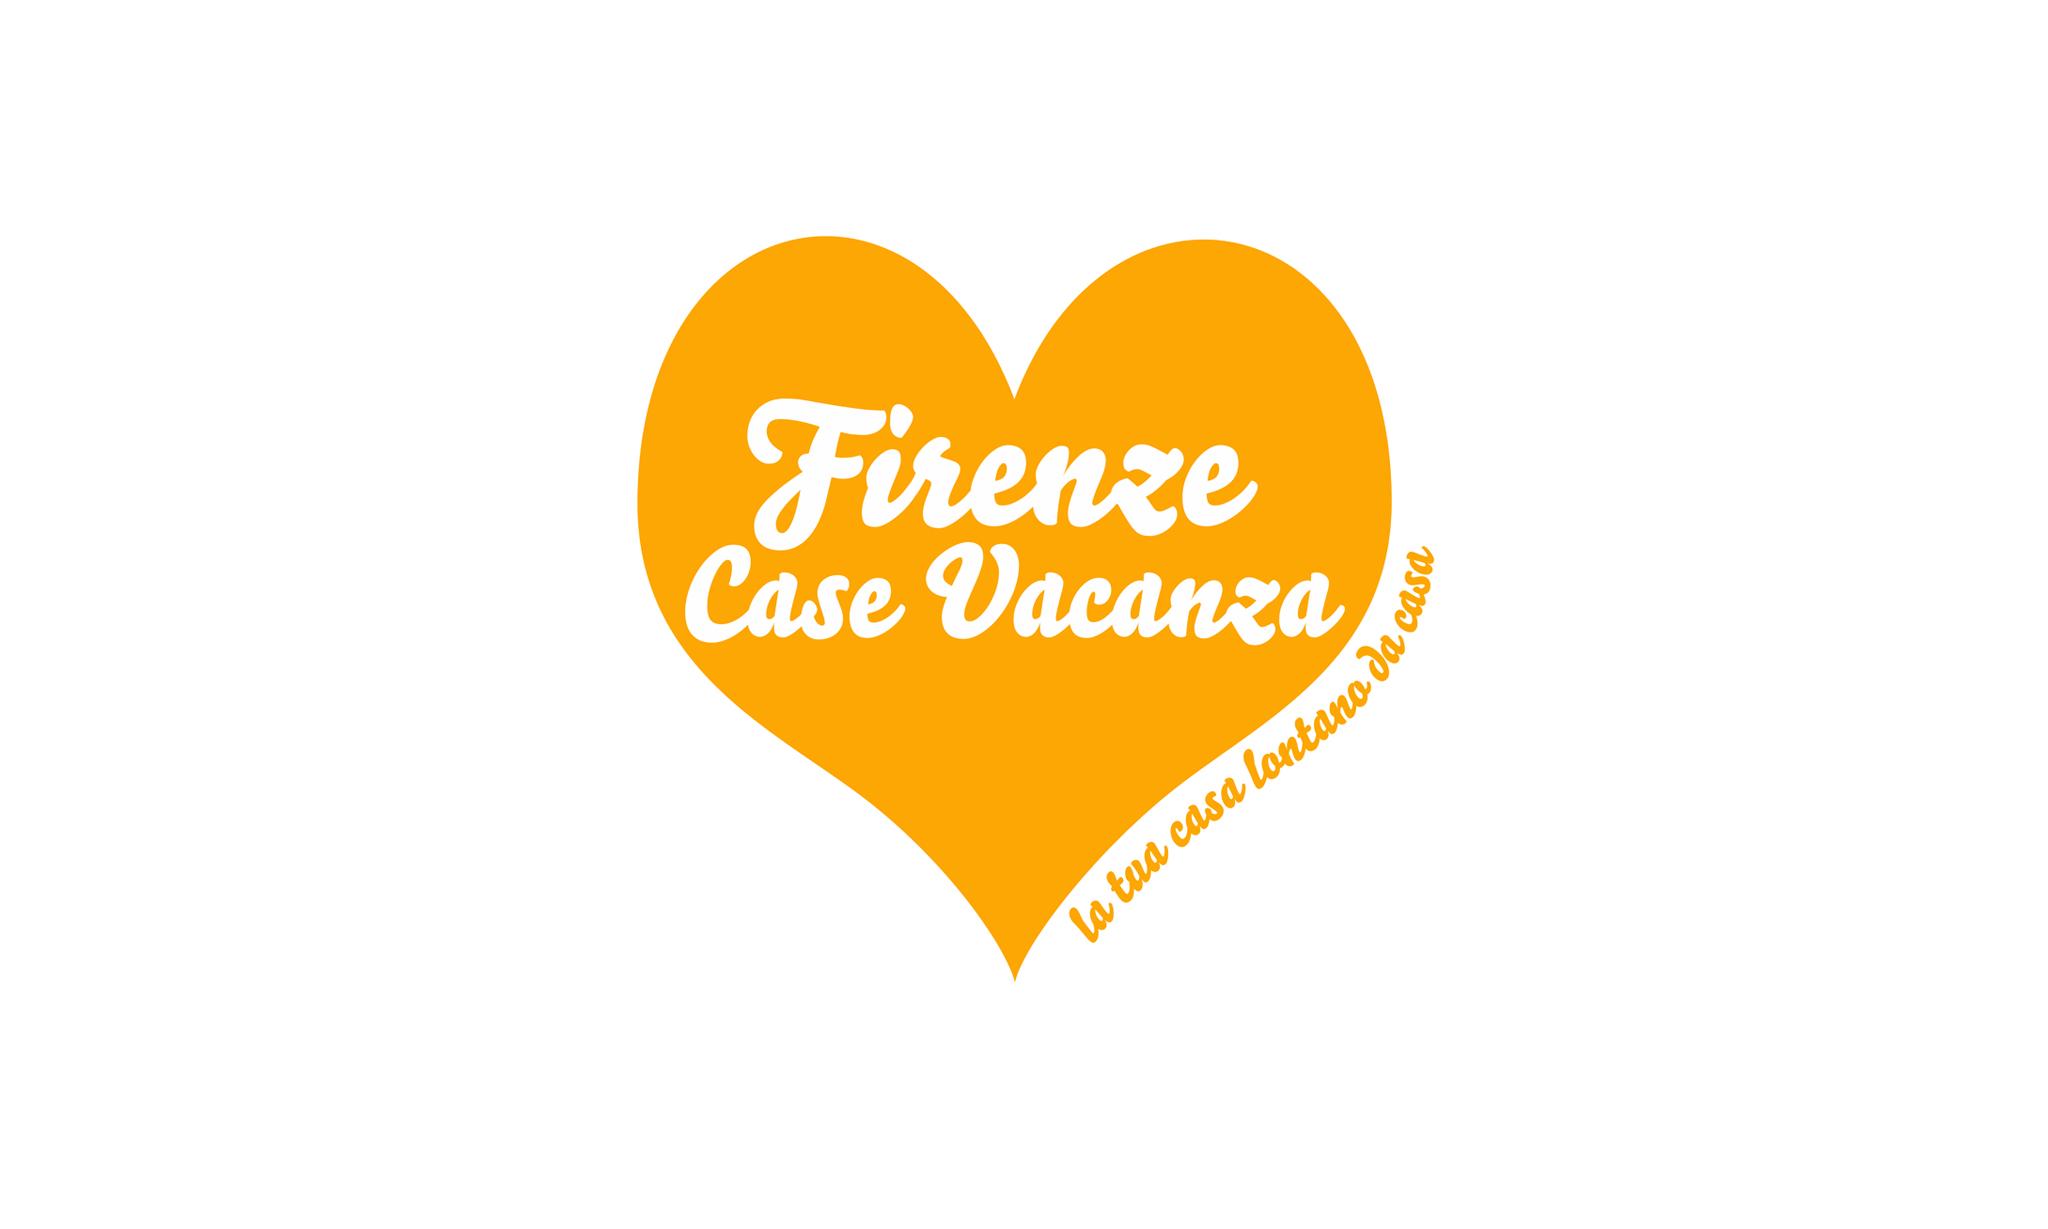 Firenze Casa Vacanza